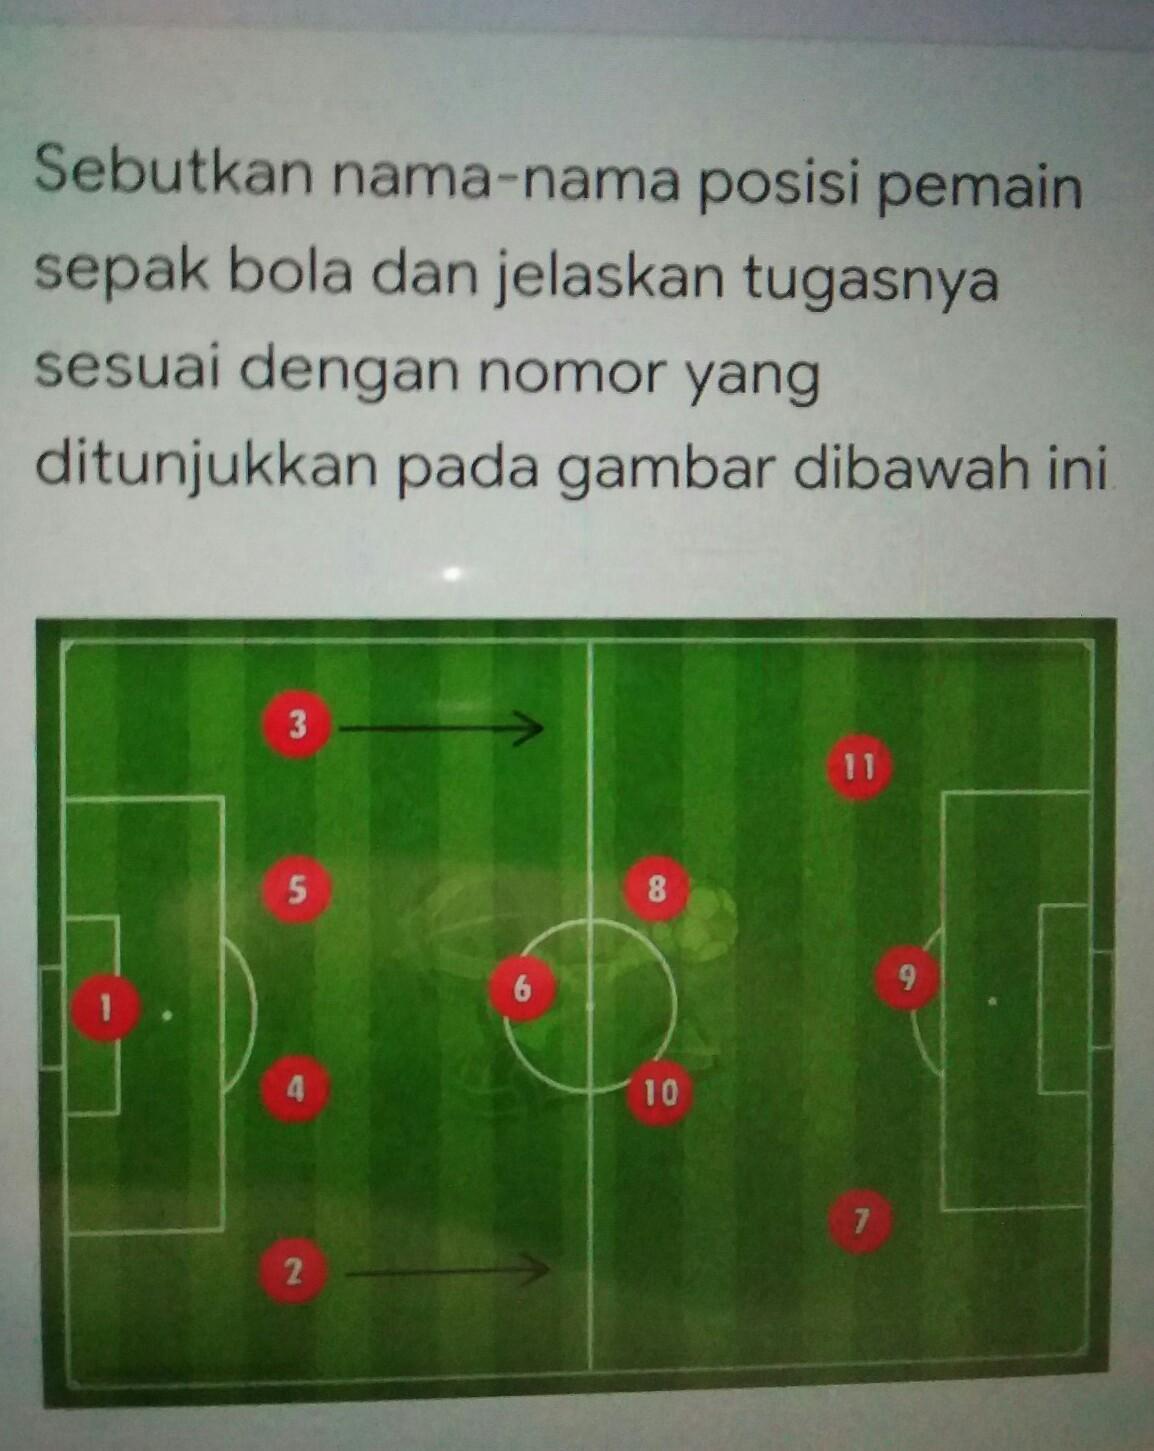 Gambar Posisi Pemain Sepak Bola : gambar, posisi, pemain, sepak, Sebutkan, Posisi, Pemain, Dalam, Permainan, Sepak